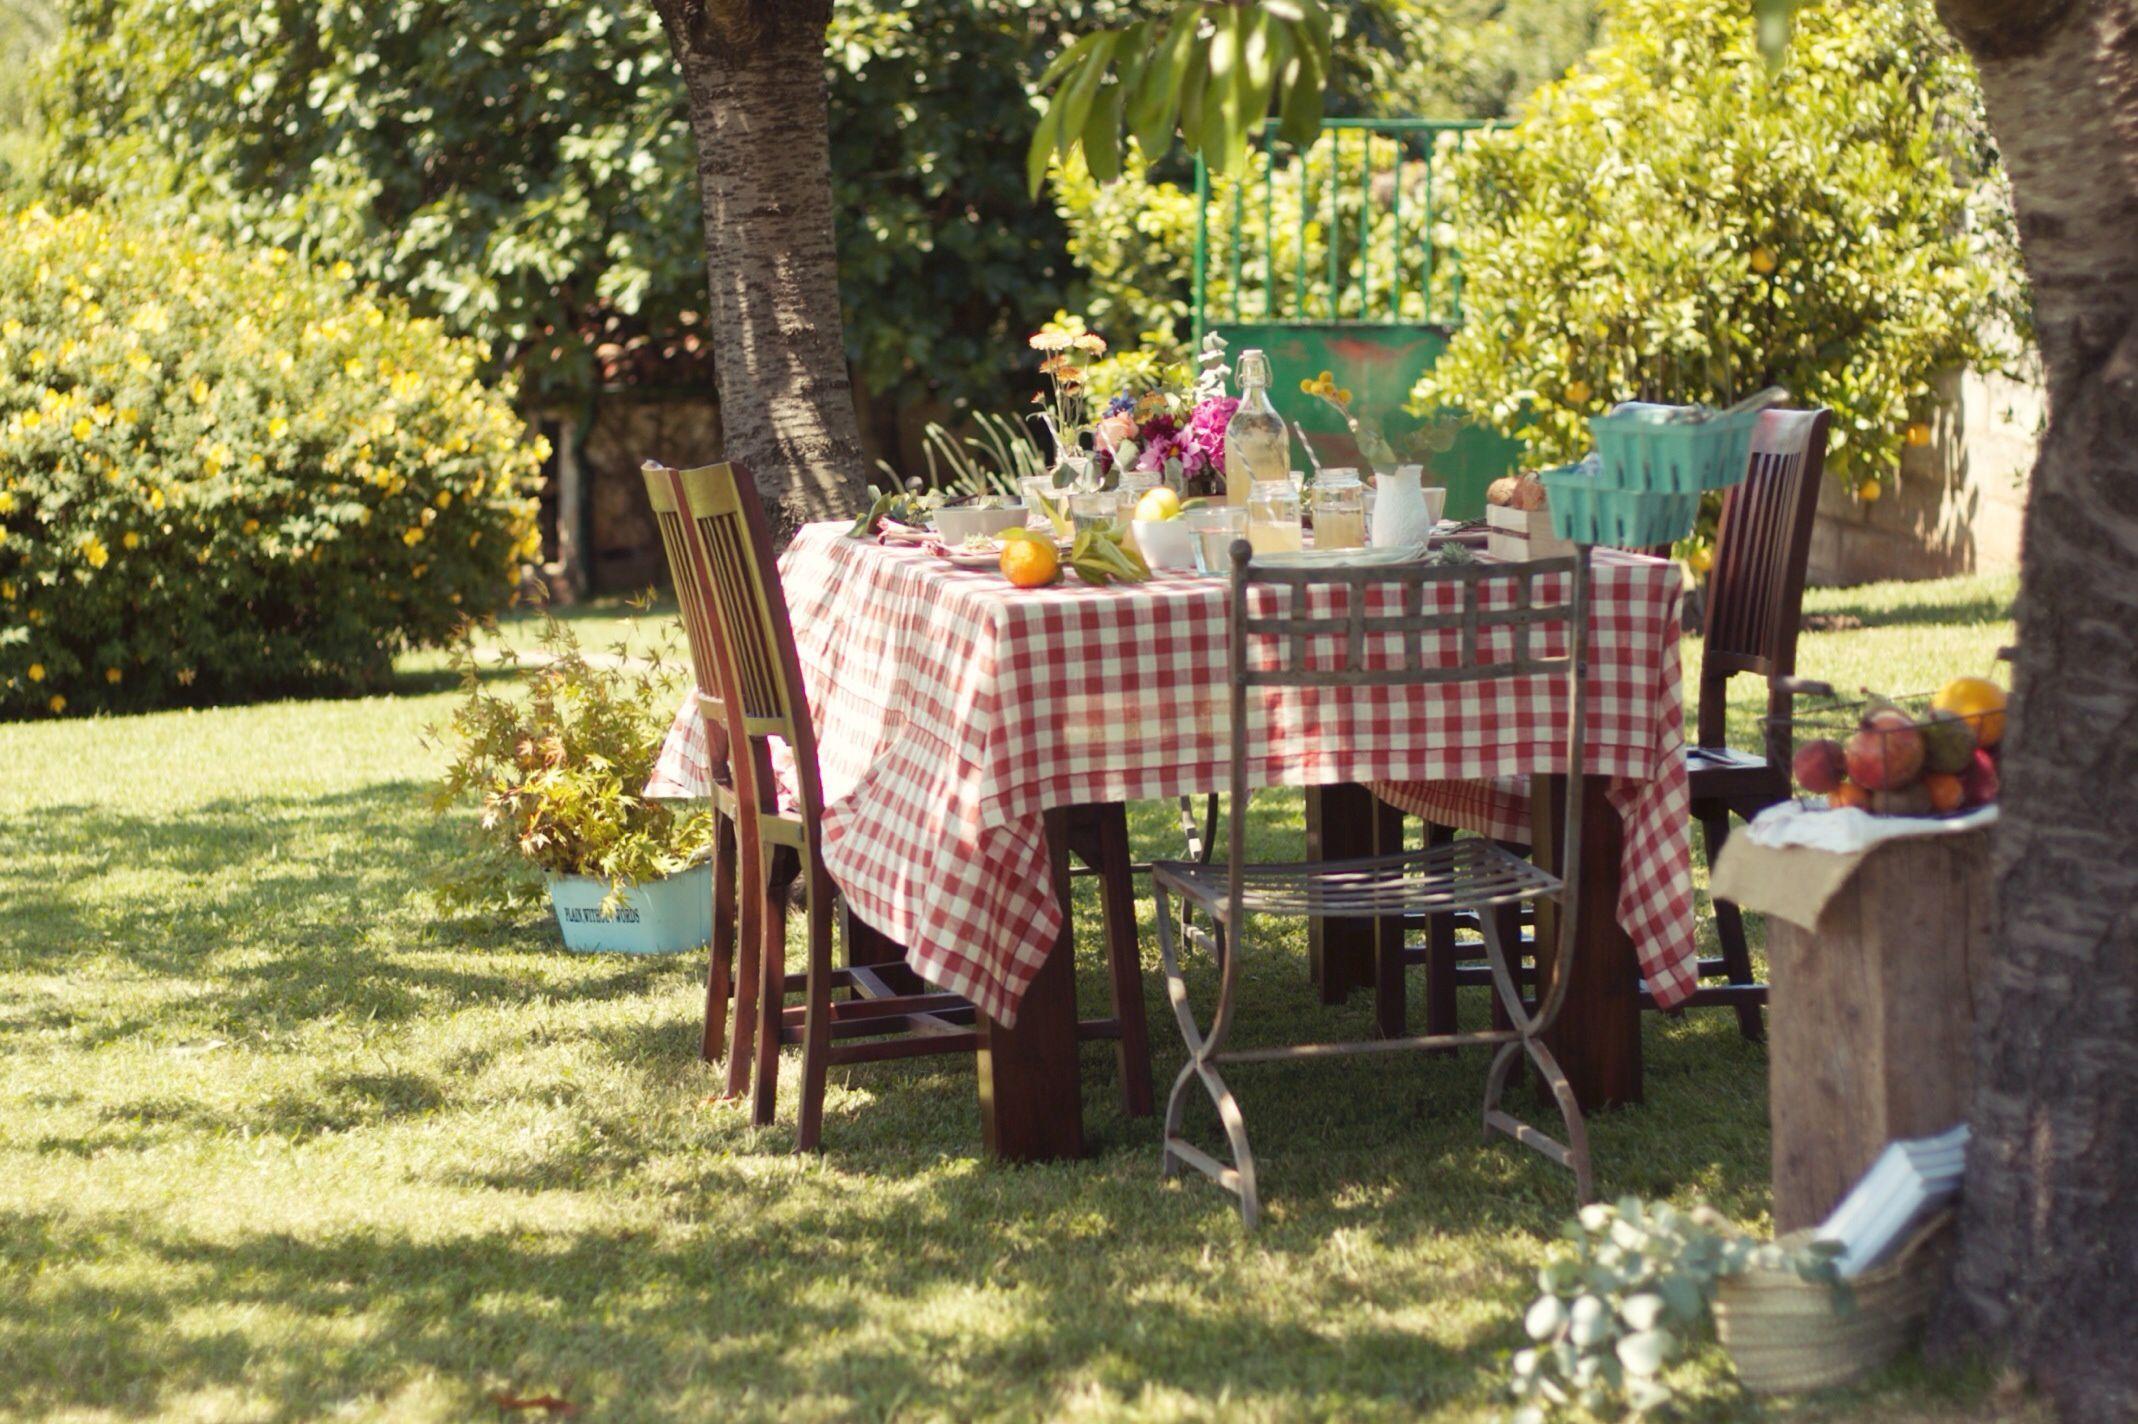 A mesa puesta  Una comida al aire libre  Con botas de agua